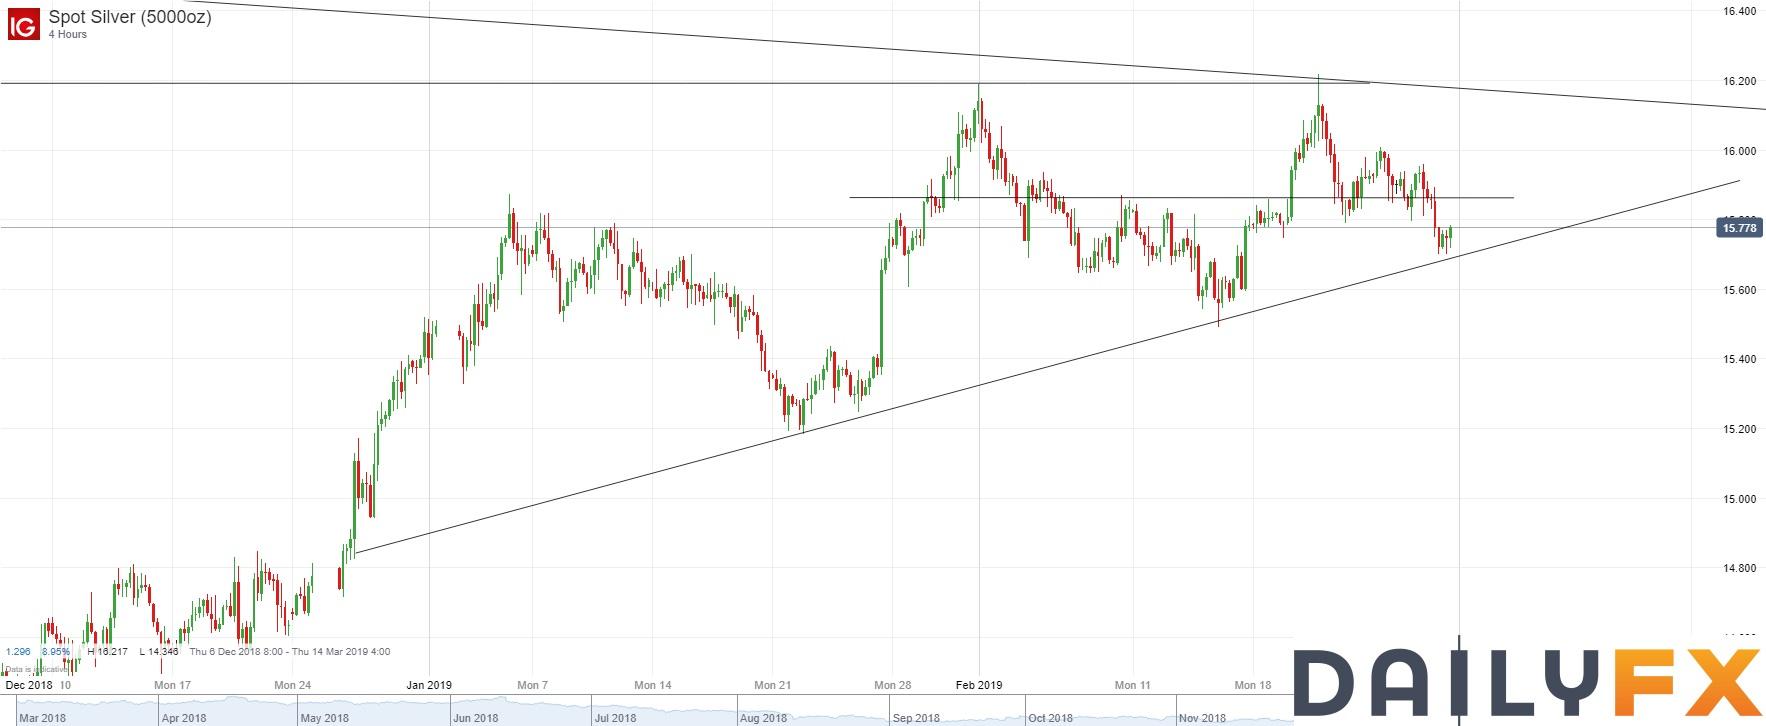 白银/美元技术分析:跌破15.80支持,下一支持关注15.60附近